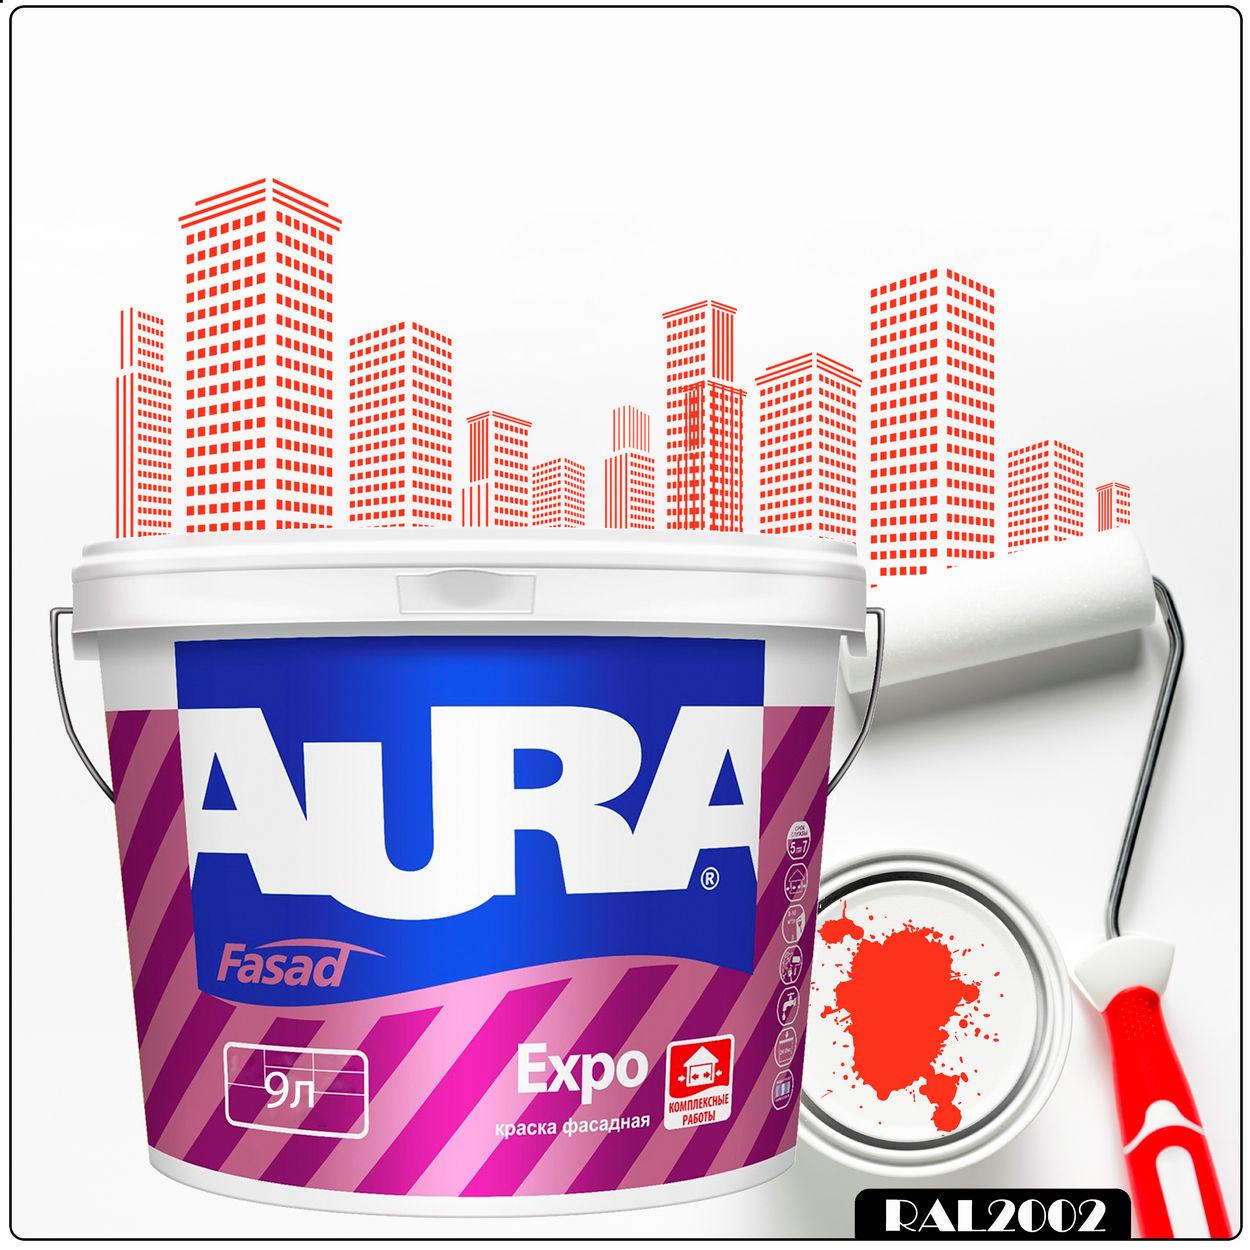 Фото 3 - Краска Aura Fasad Expo, RAL 2002 Алый, матовая, для фасадов и помещений с повышенной влажностью, 9л.